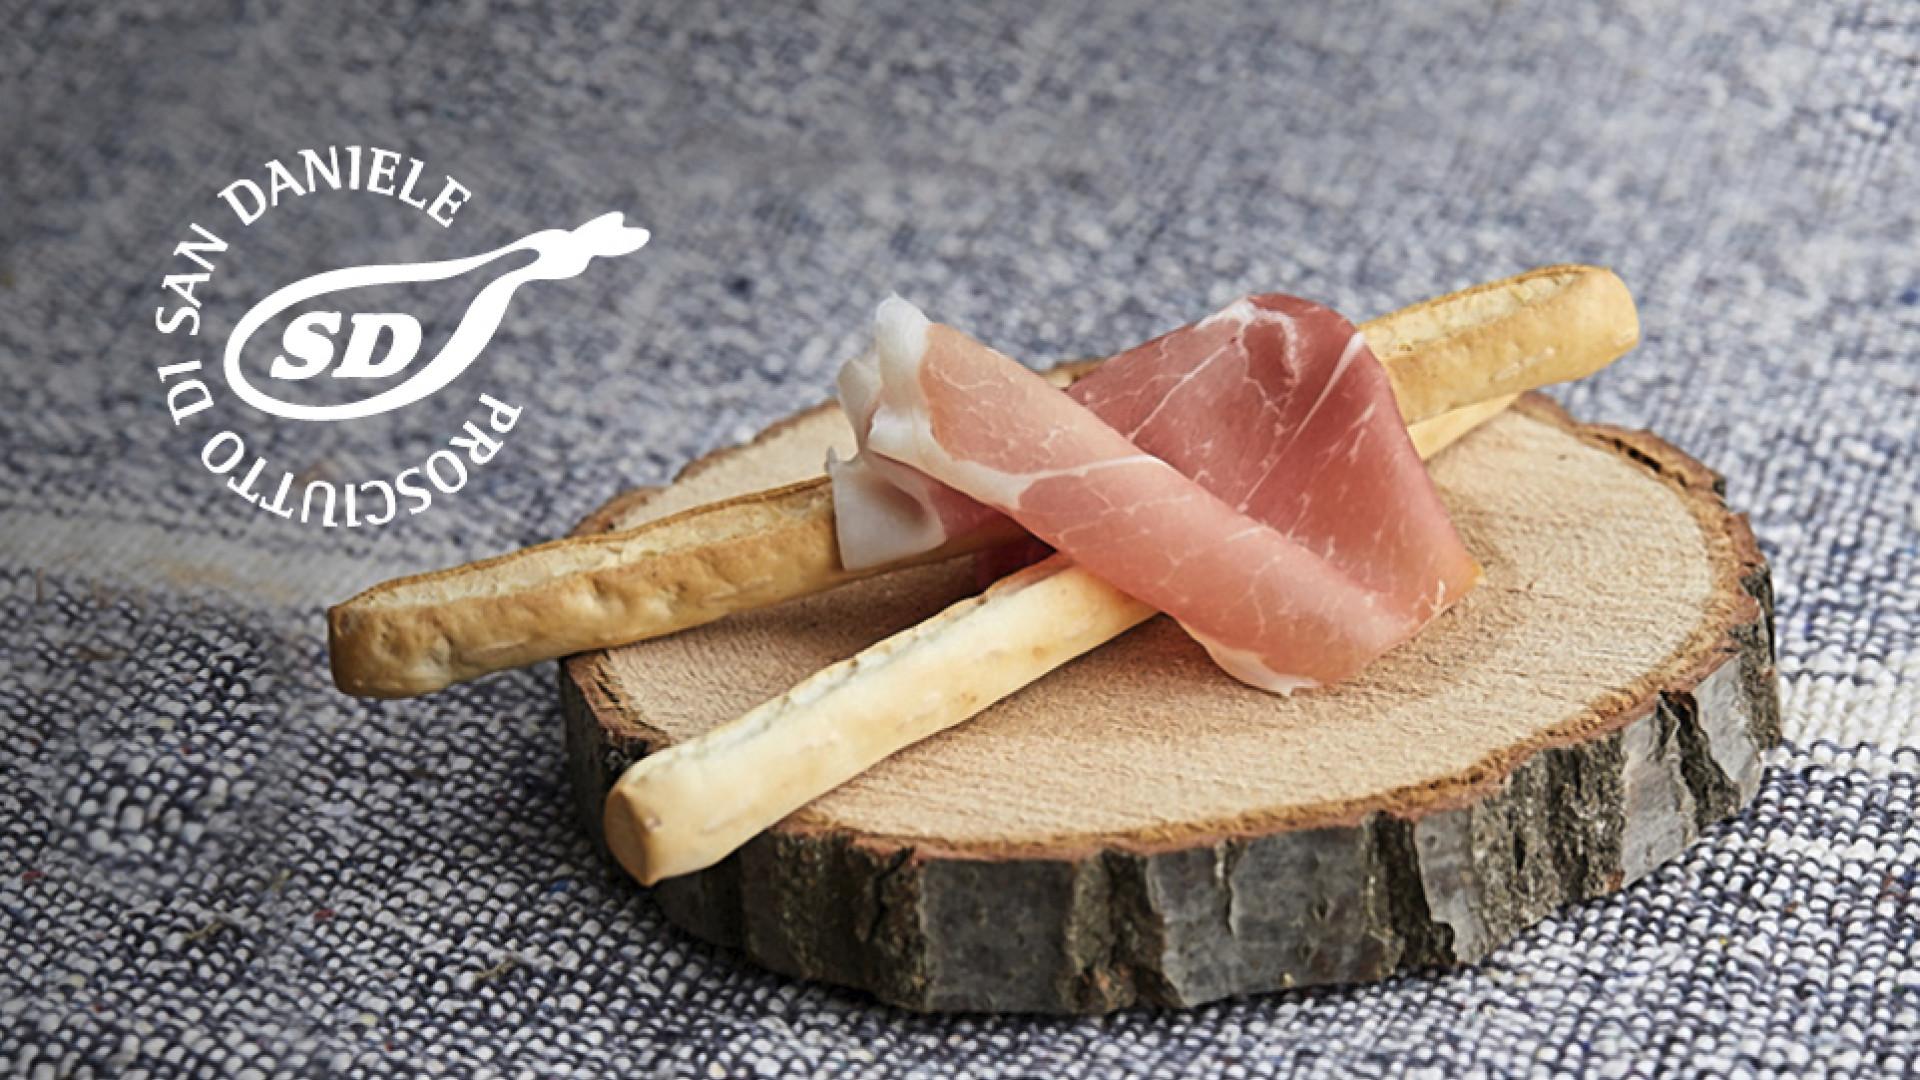 Prosciutto di San Daniele with breadsticks